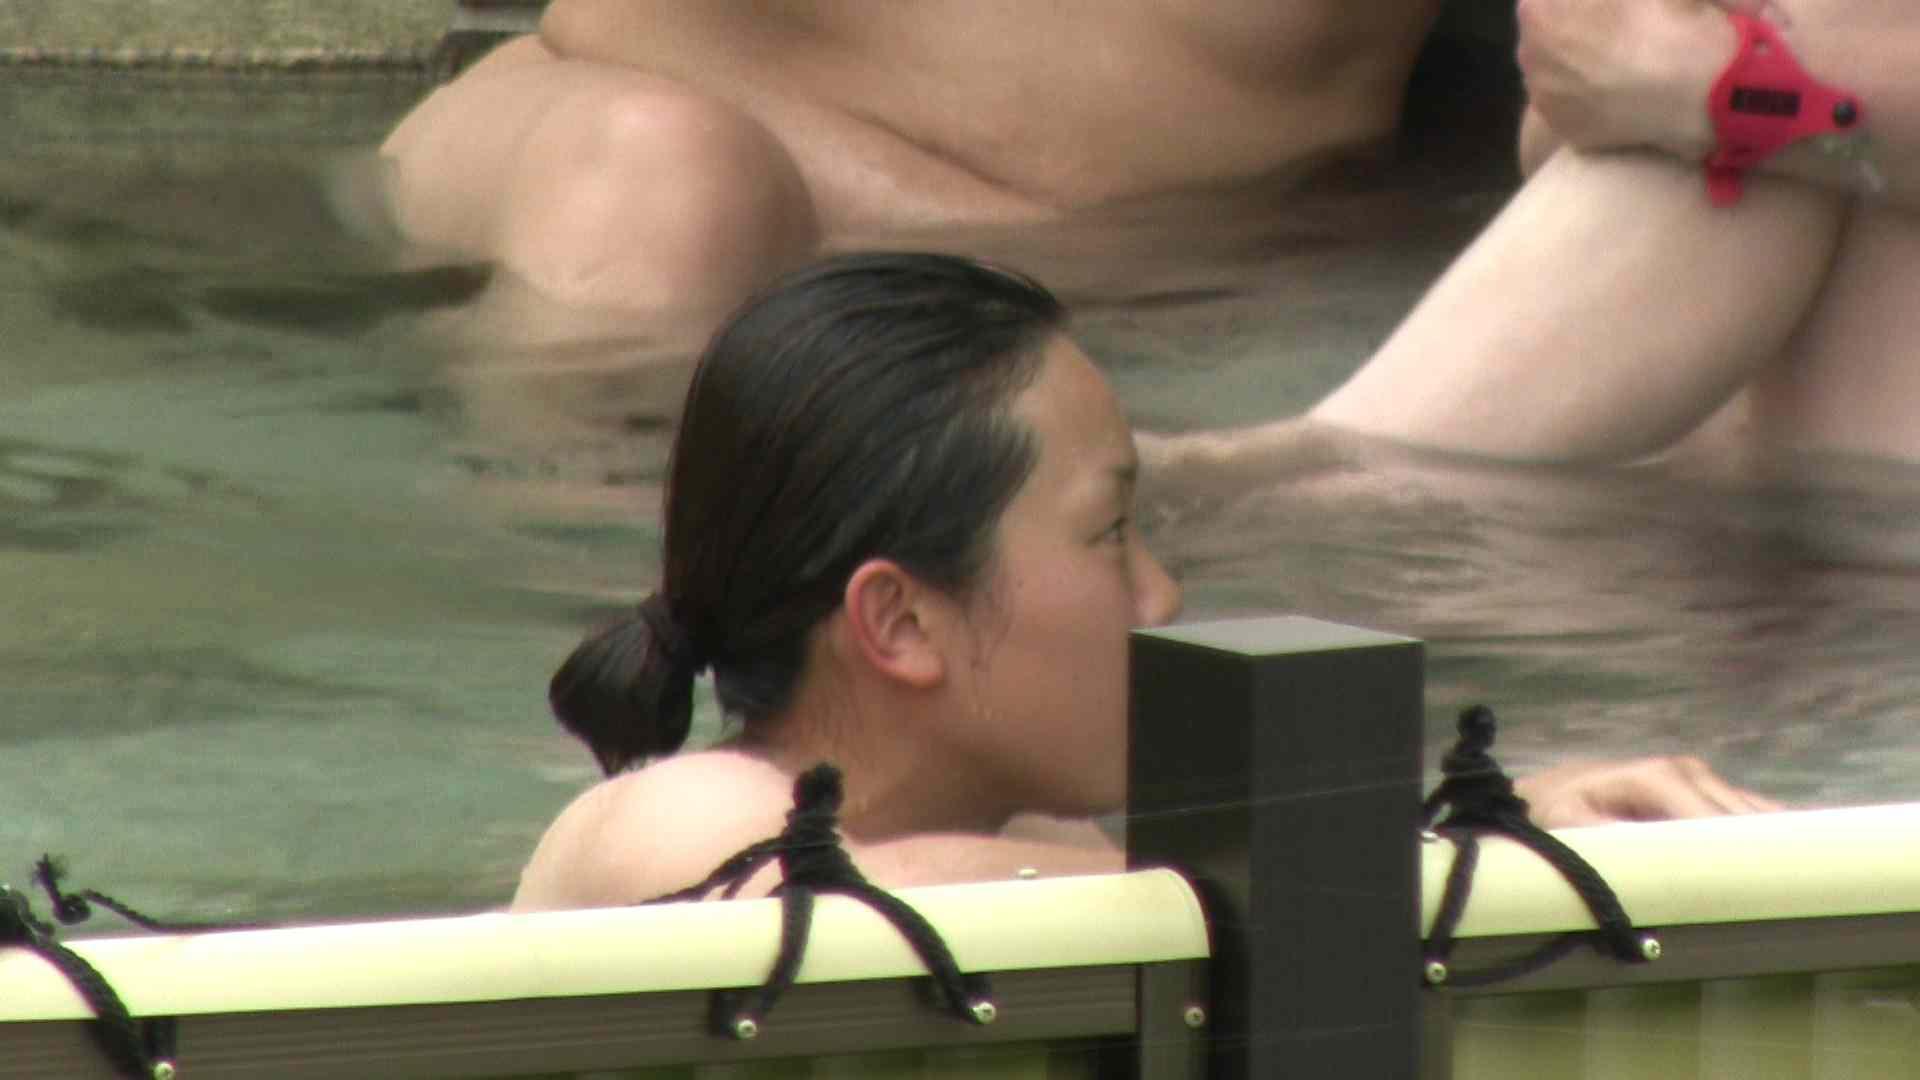 Aquaな露天風呂Vol.205 盗撮  105画像 15